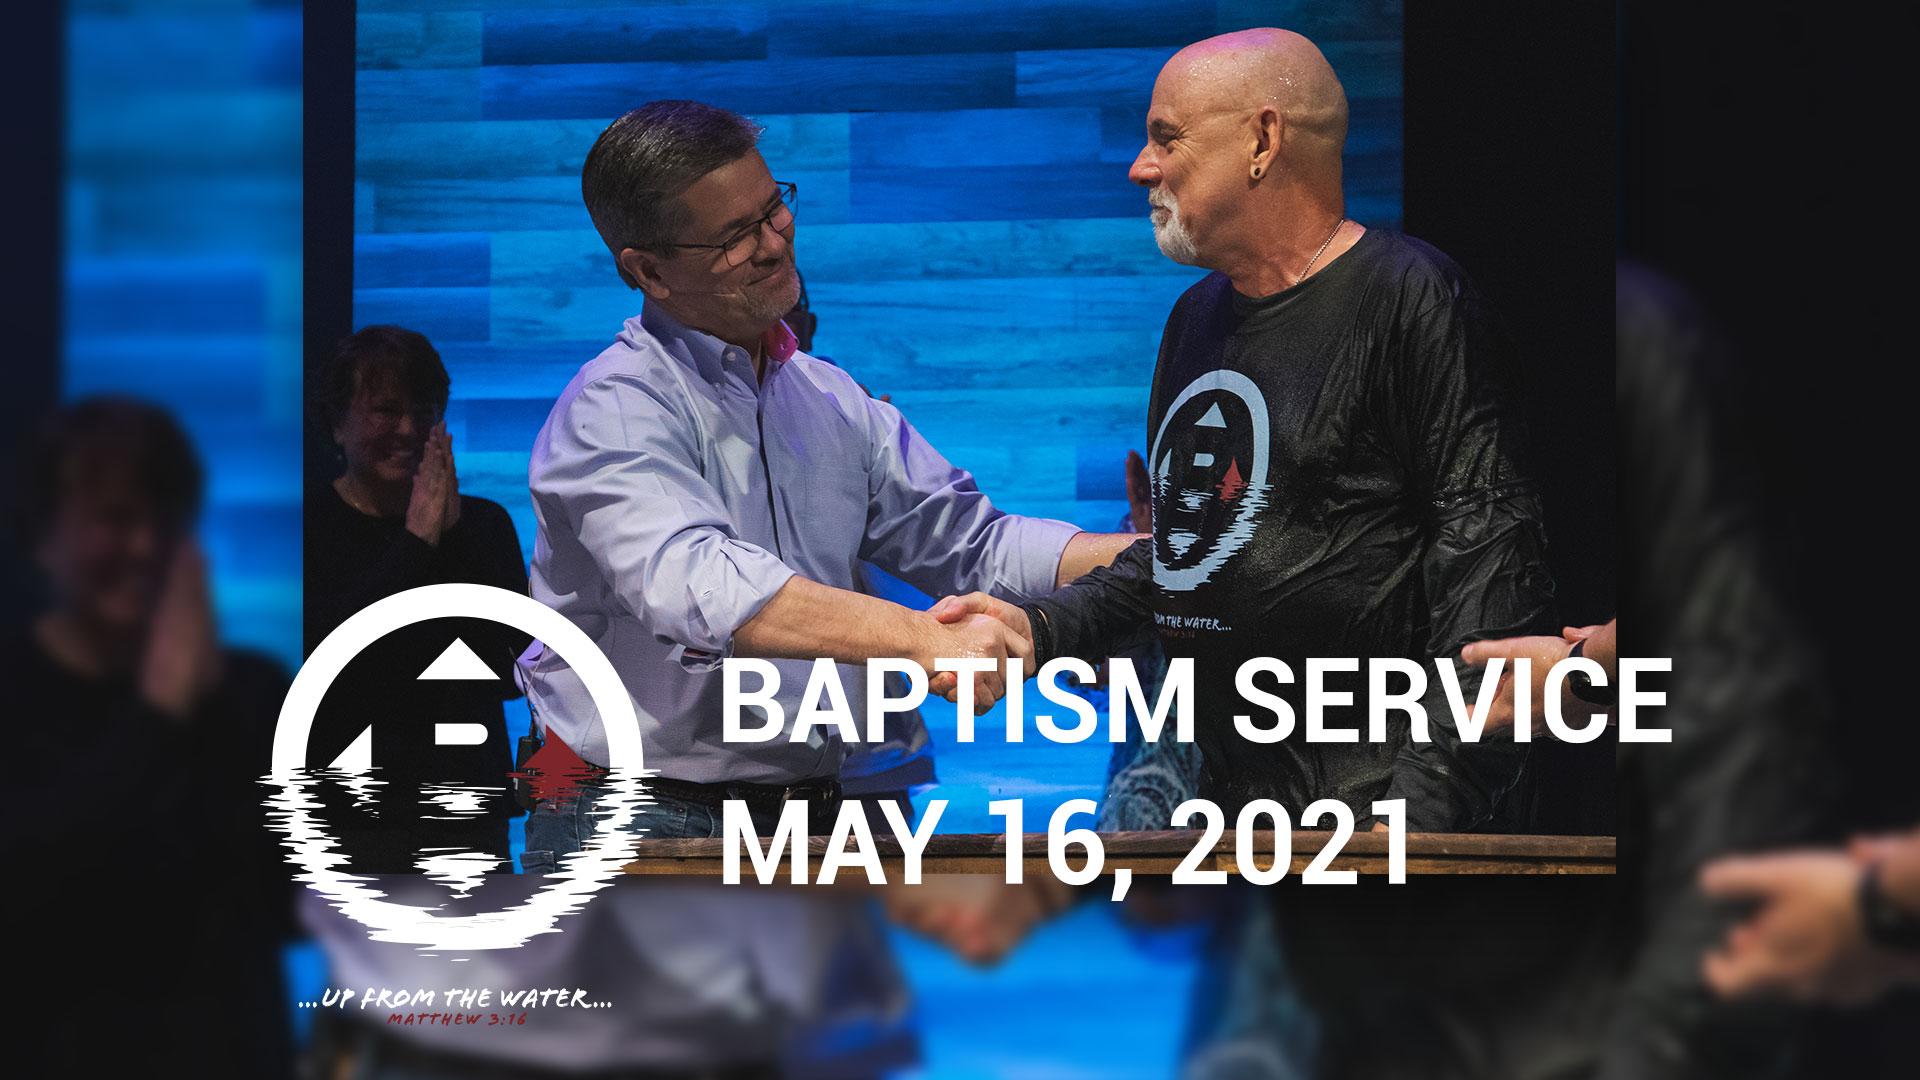 Upcoming-MAY-16-Baptism-web-HD.jpg